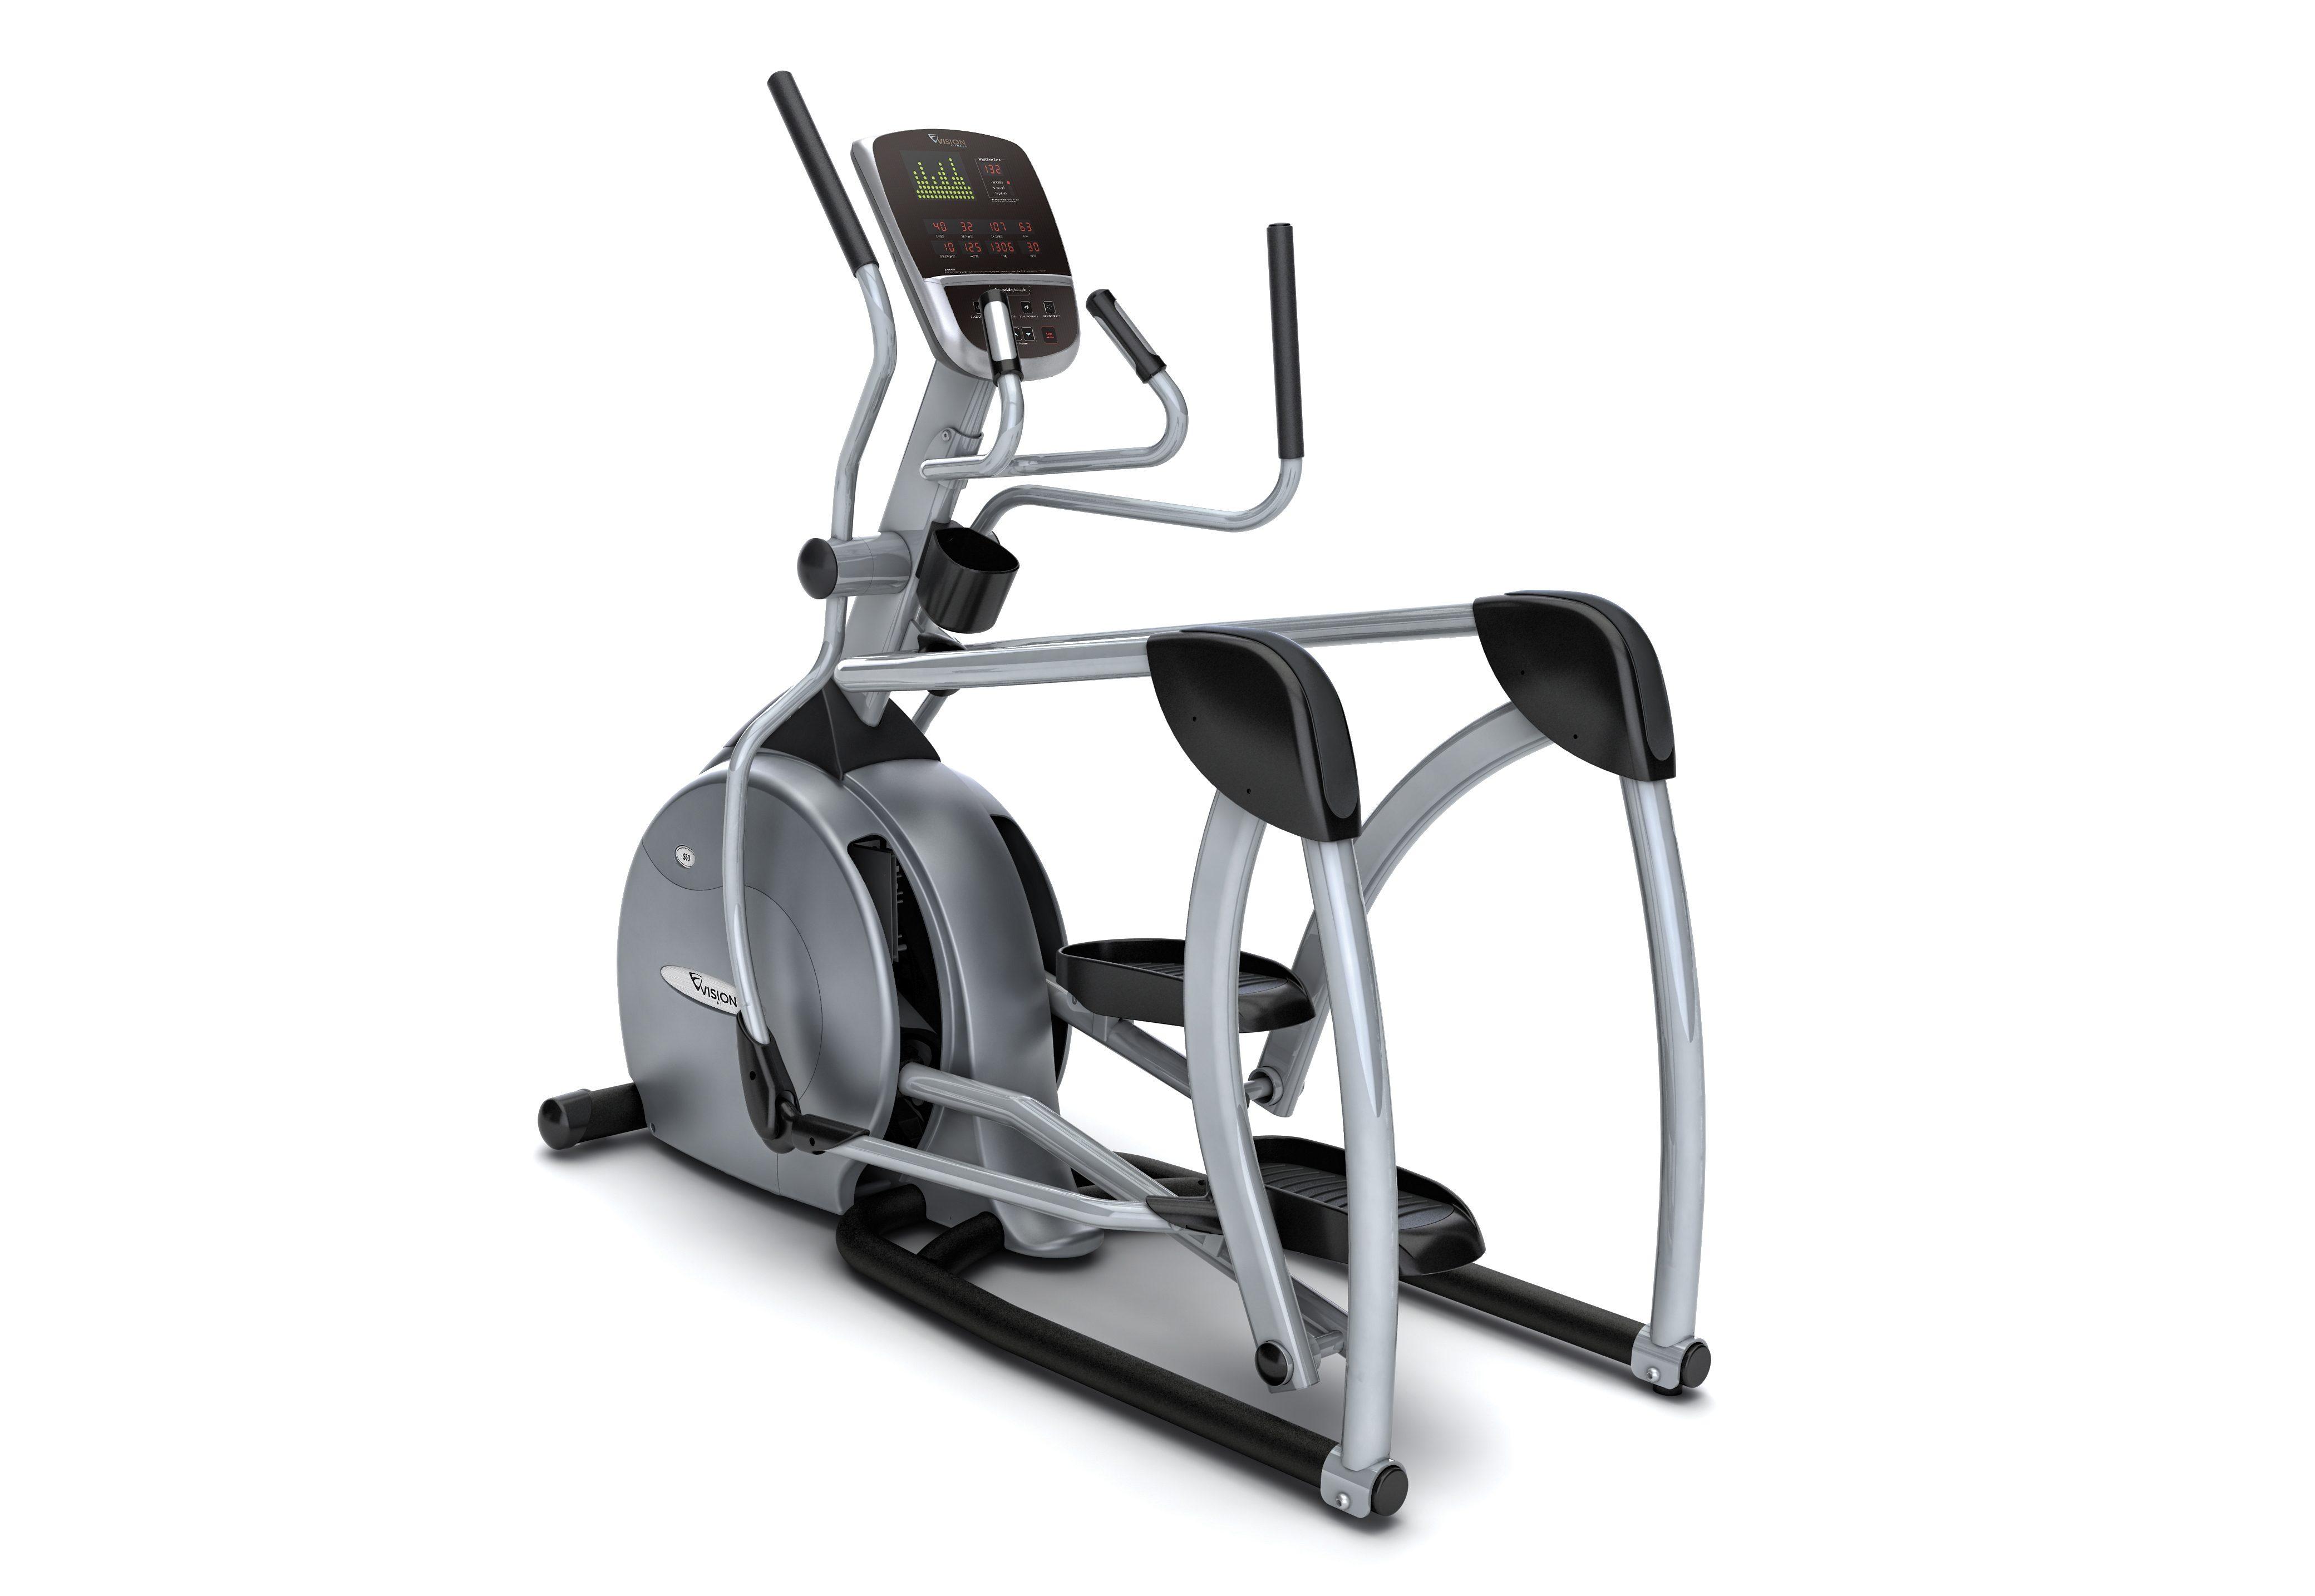 Vision Fitness Crosstrainer-Ergometer S60 Preisvergleich